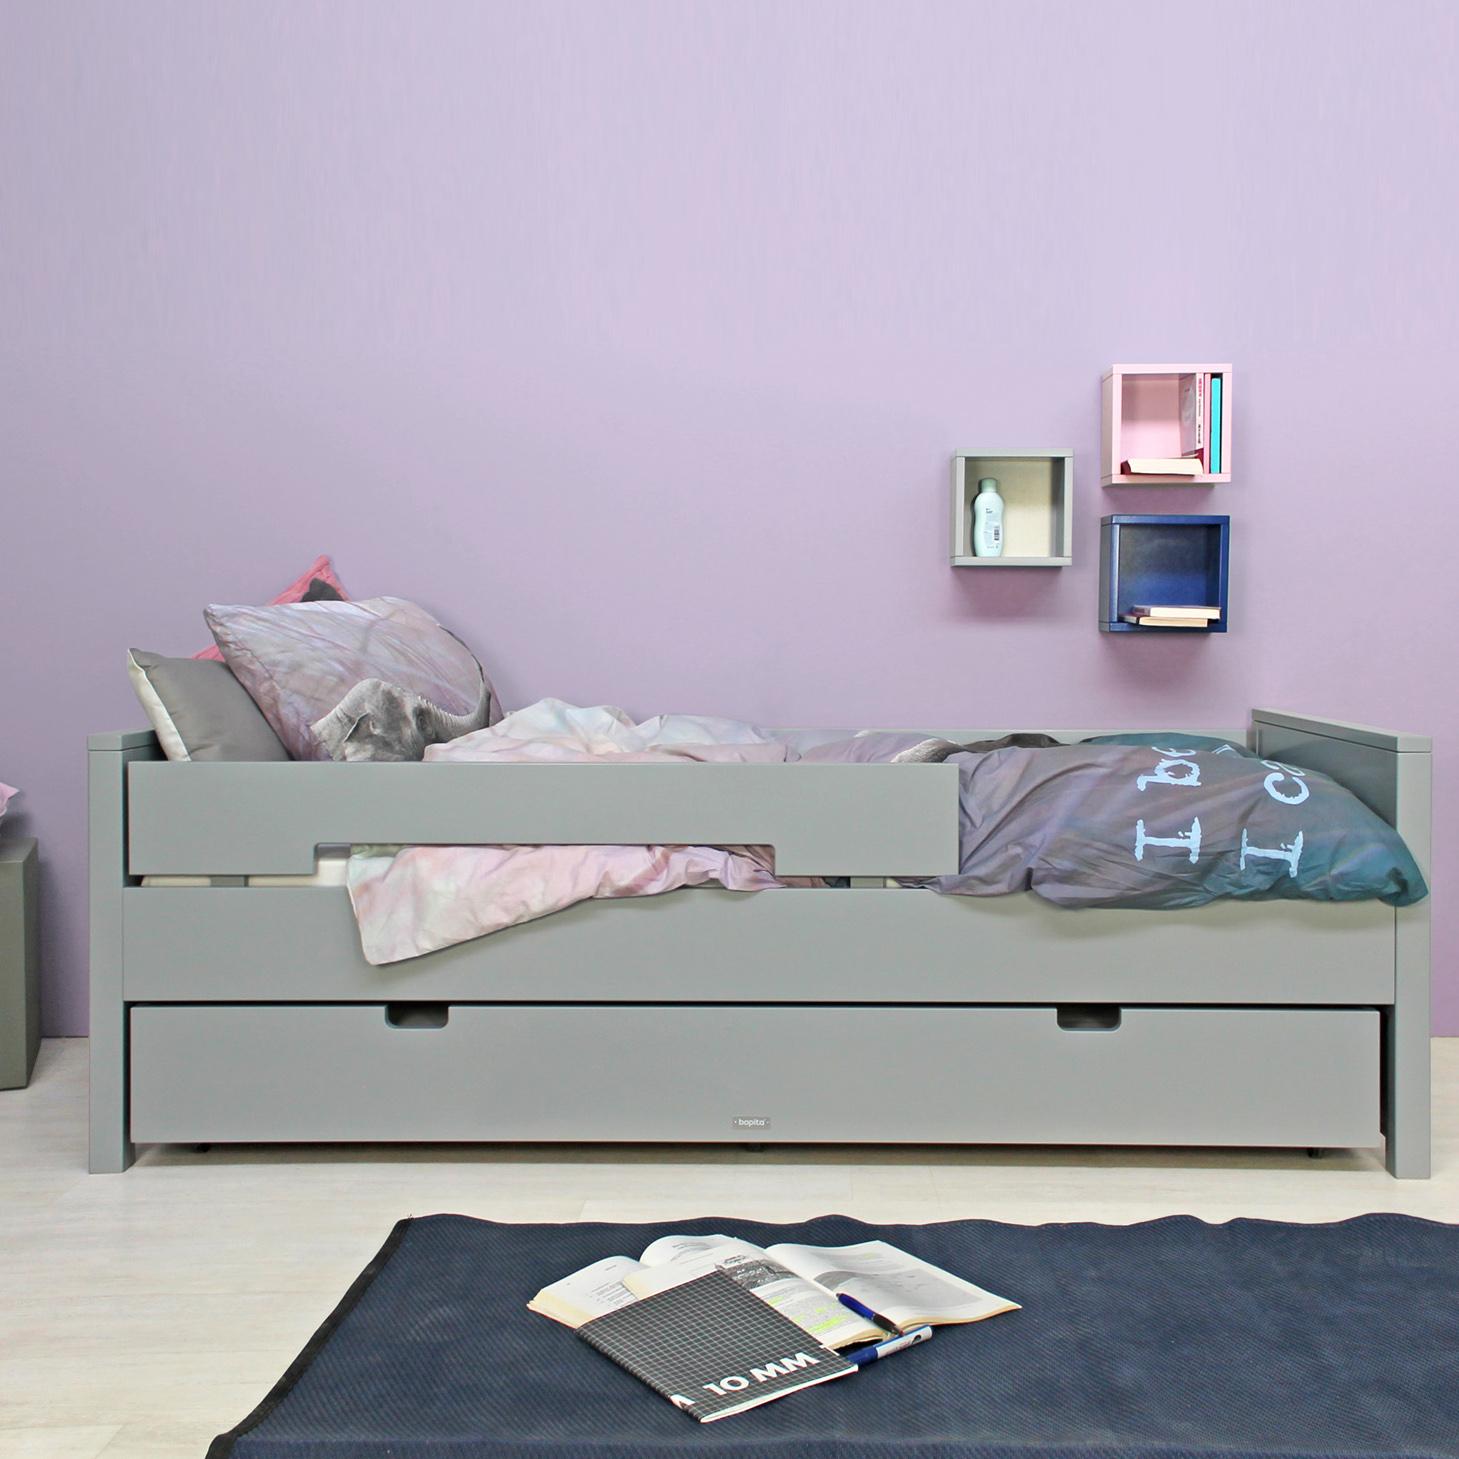 Full Size of Bopita Belle Bettschublade Romantic Gstebett Schublade Wei Bett Wohnzimmer Bopita Bettschublade